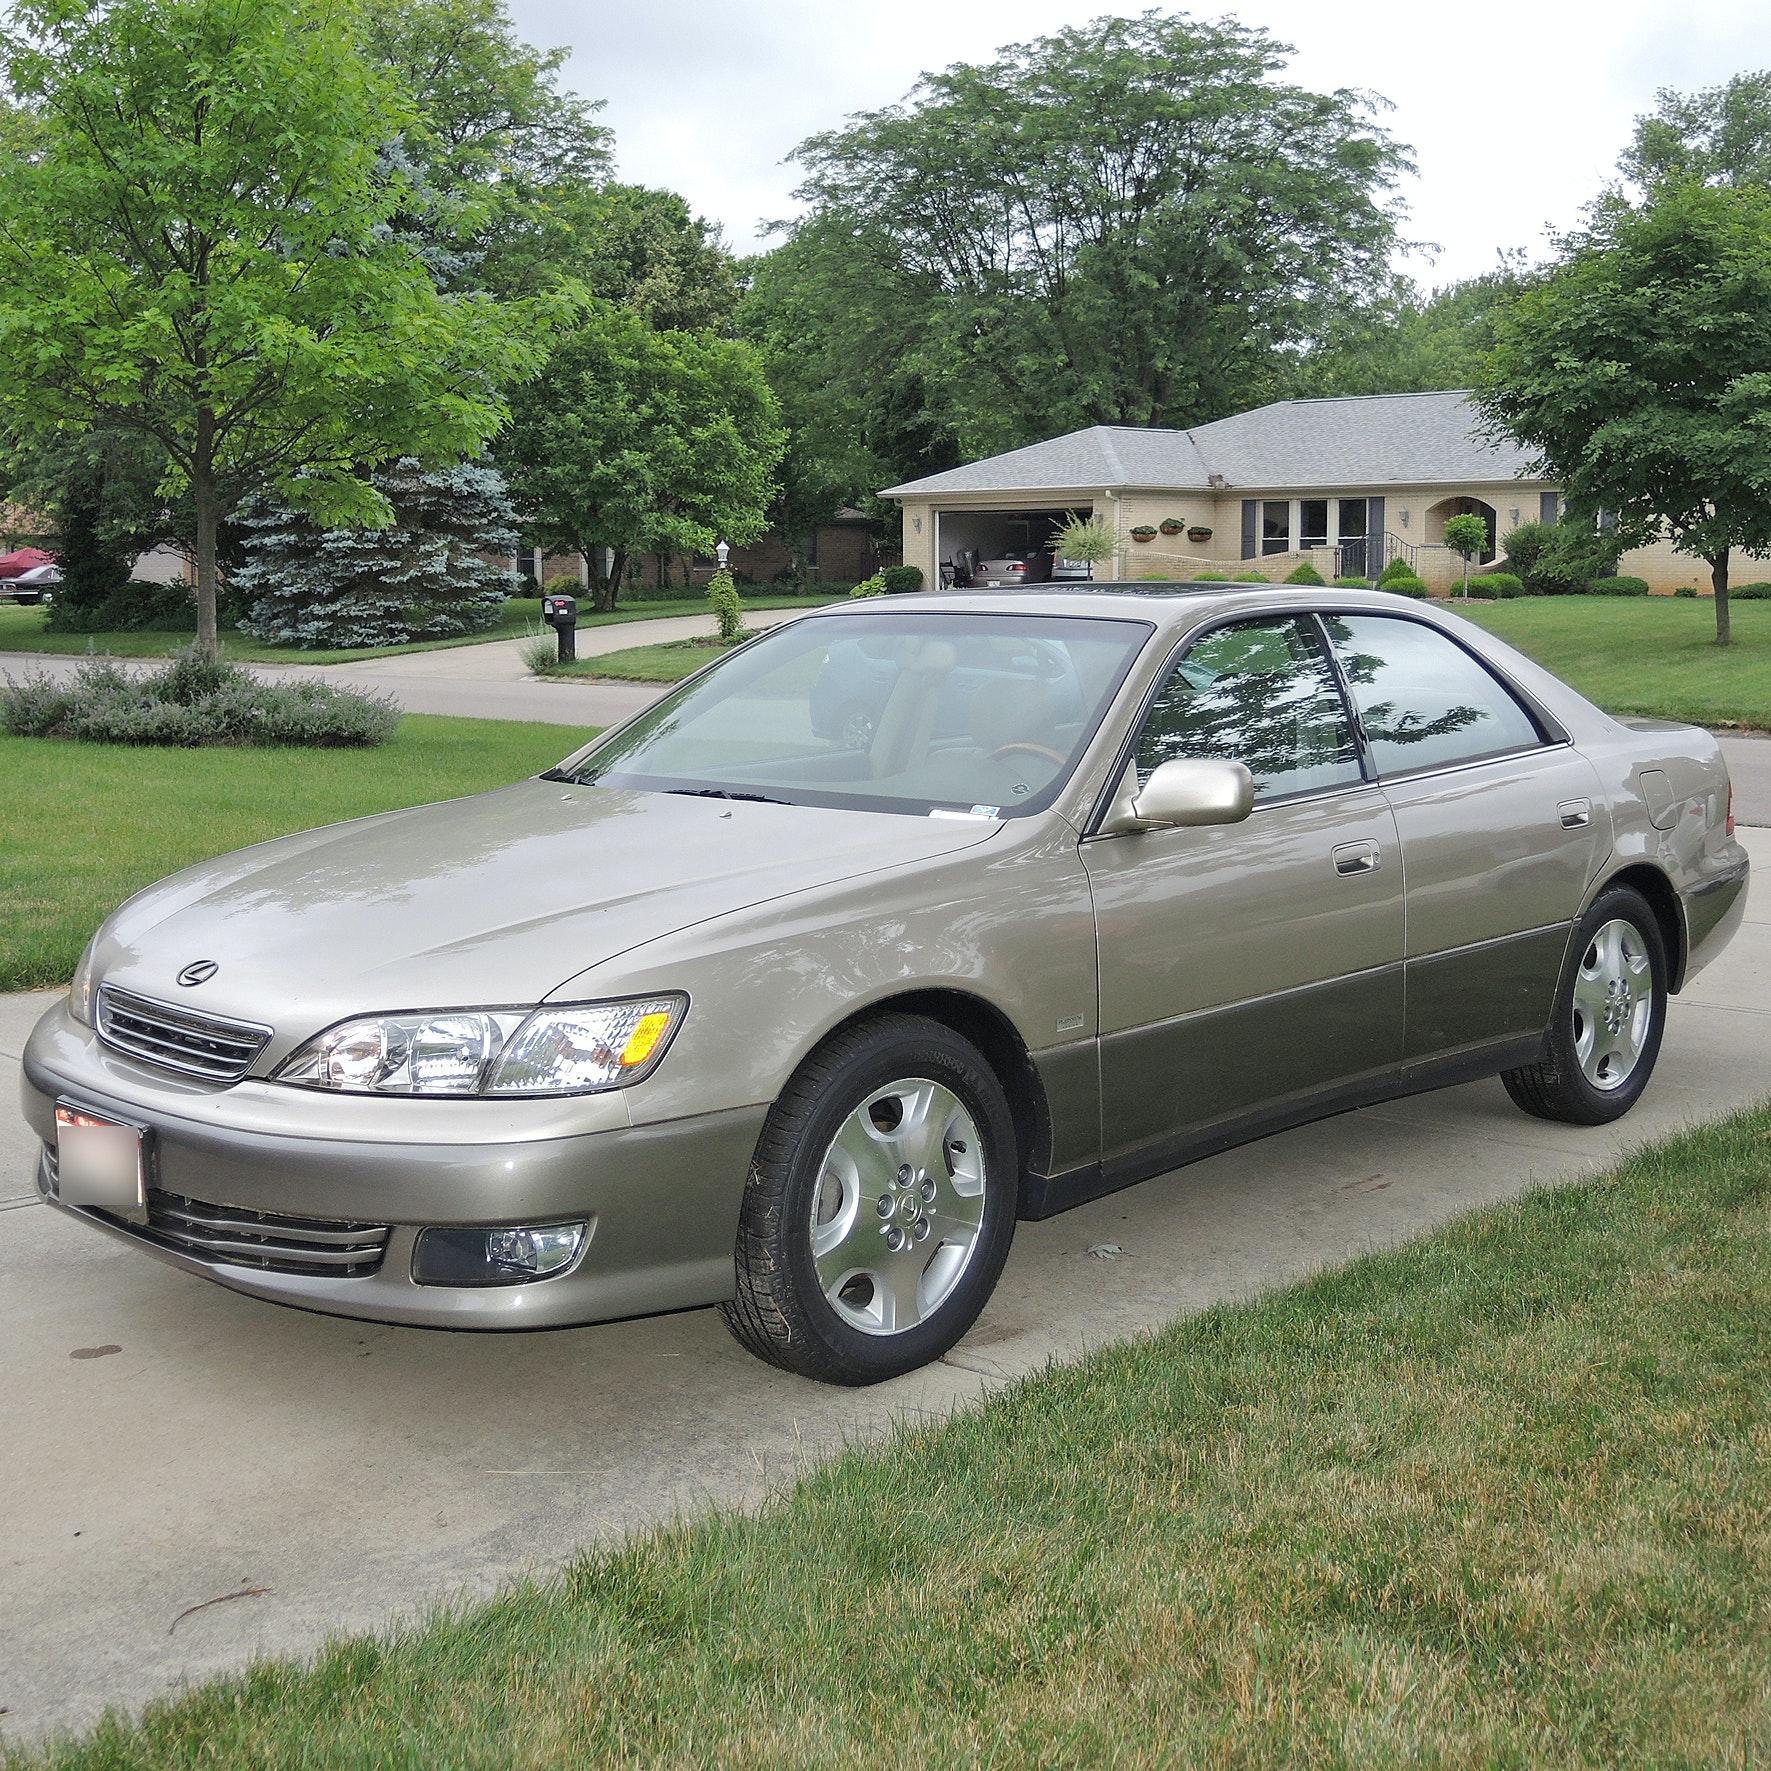 2000 Lexus ES300 Platinum Series Luxury Sedan